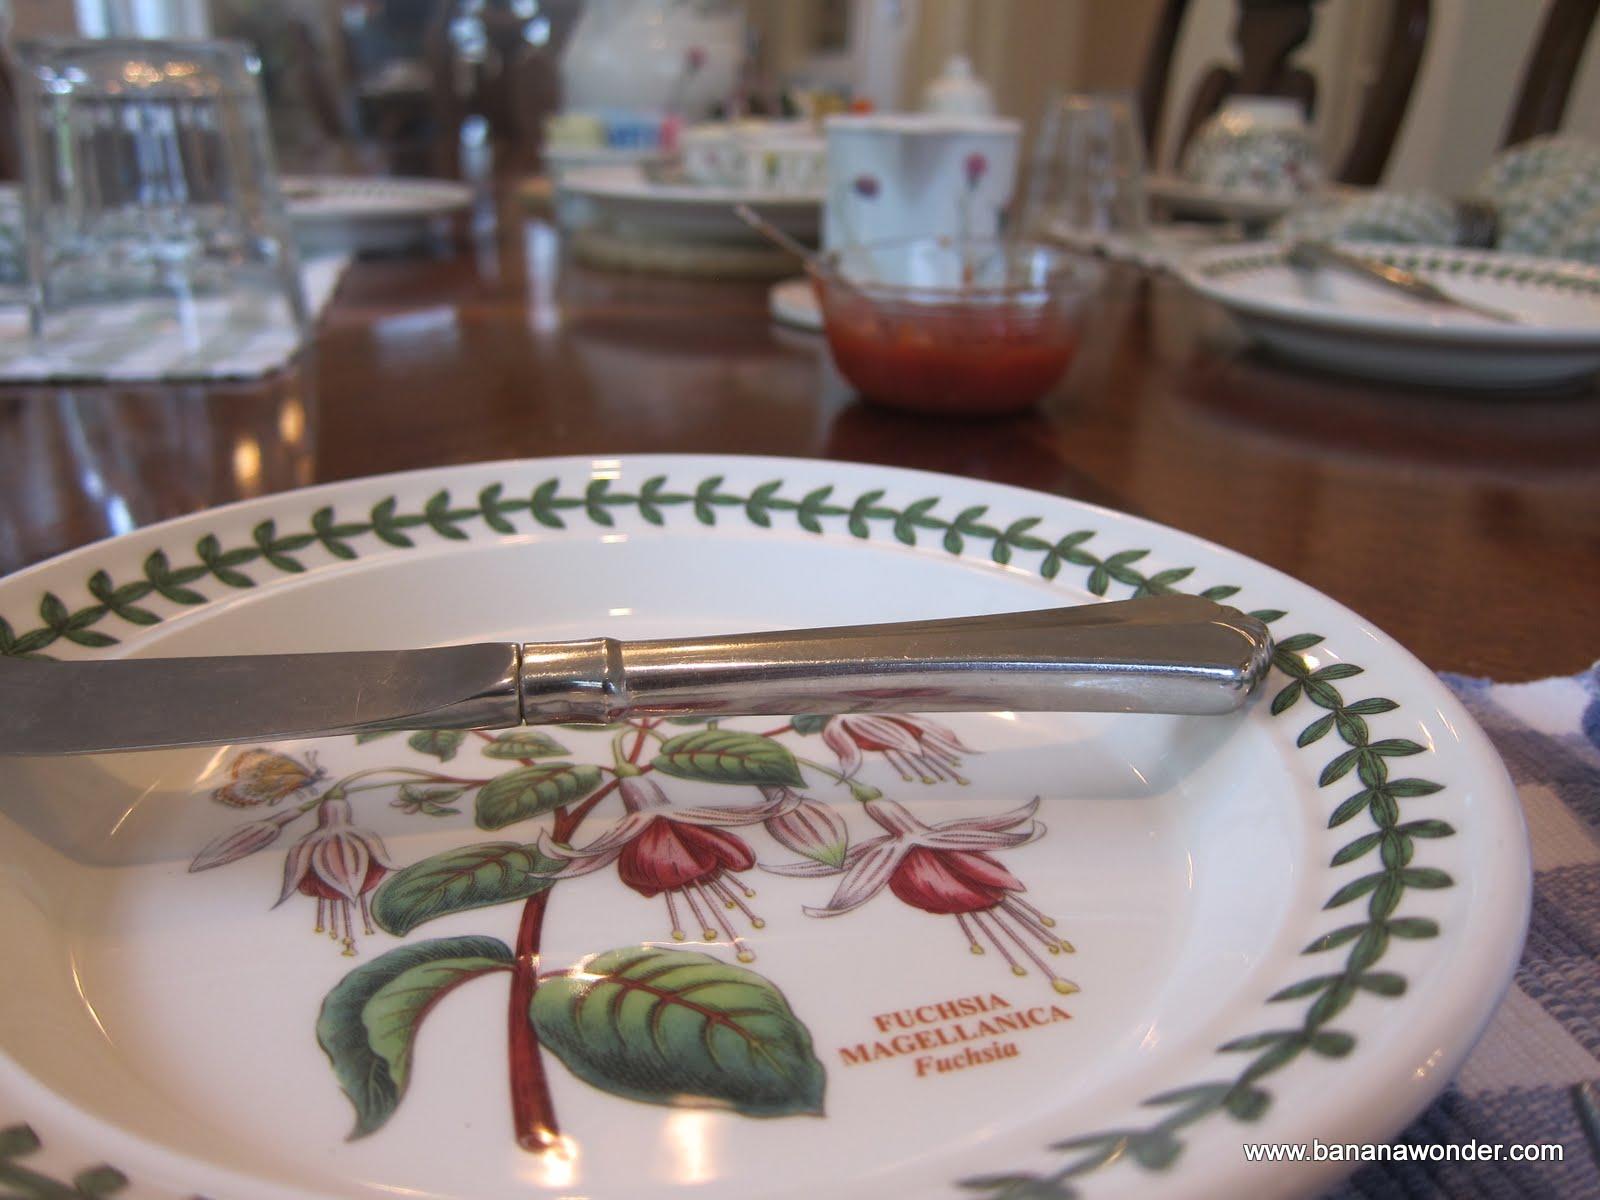 Banana Wonder: The Secret Garden: Bed and Breakfasting in Eugene